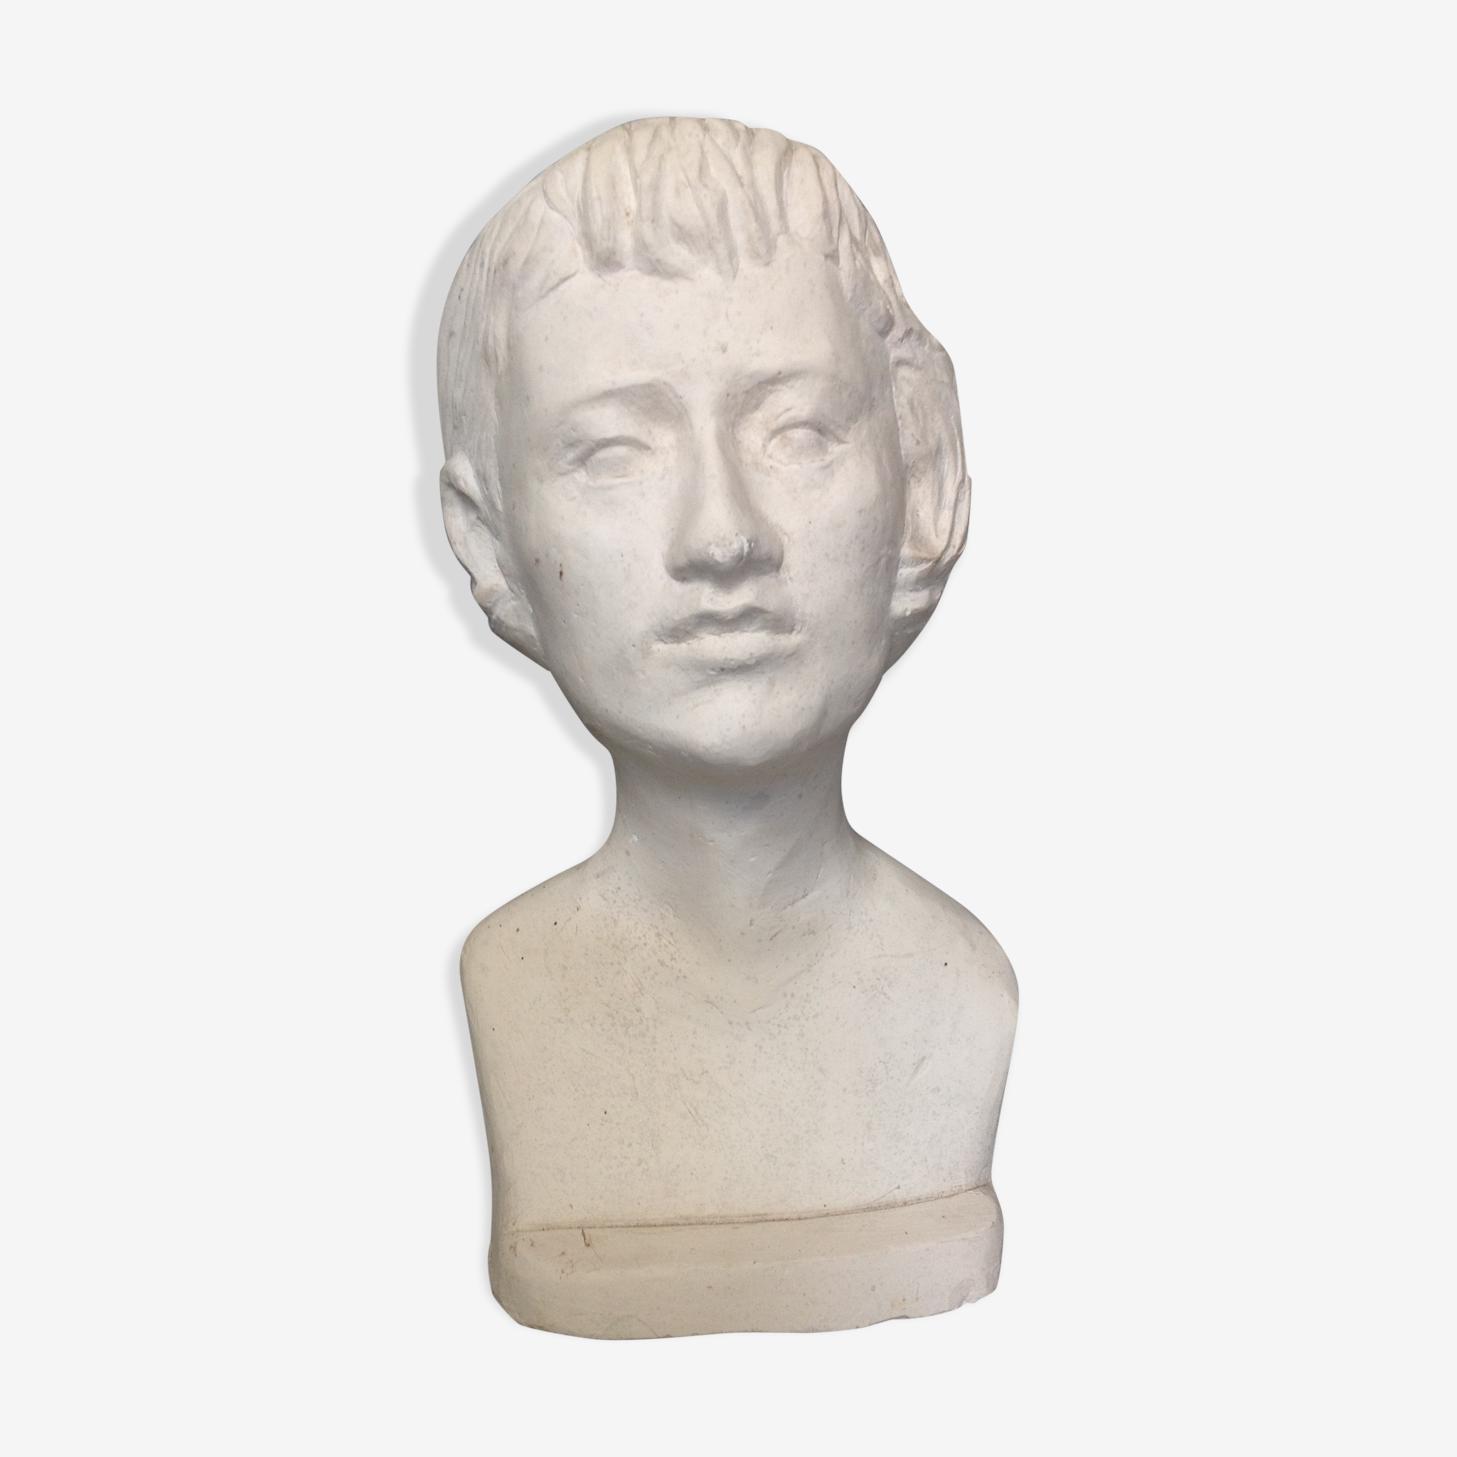 Head in plaster